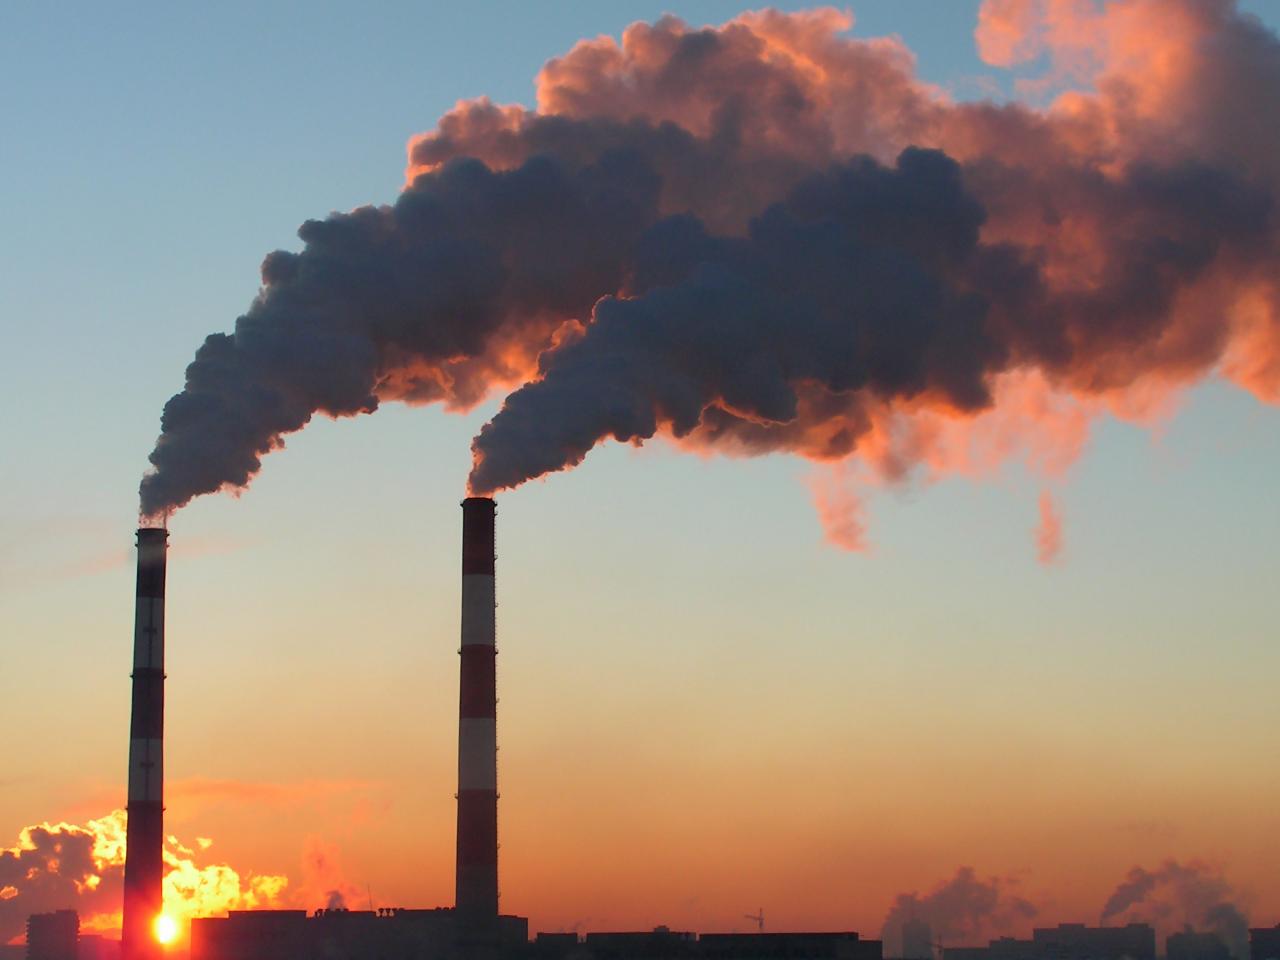 выброс вредных загрязняющих веществ в атмосферу